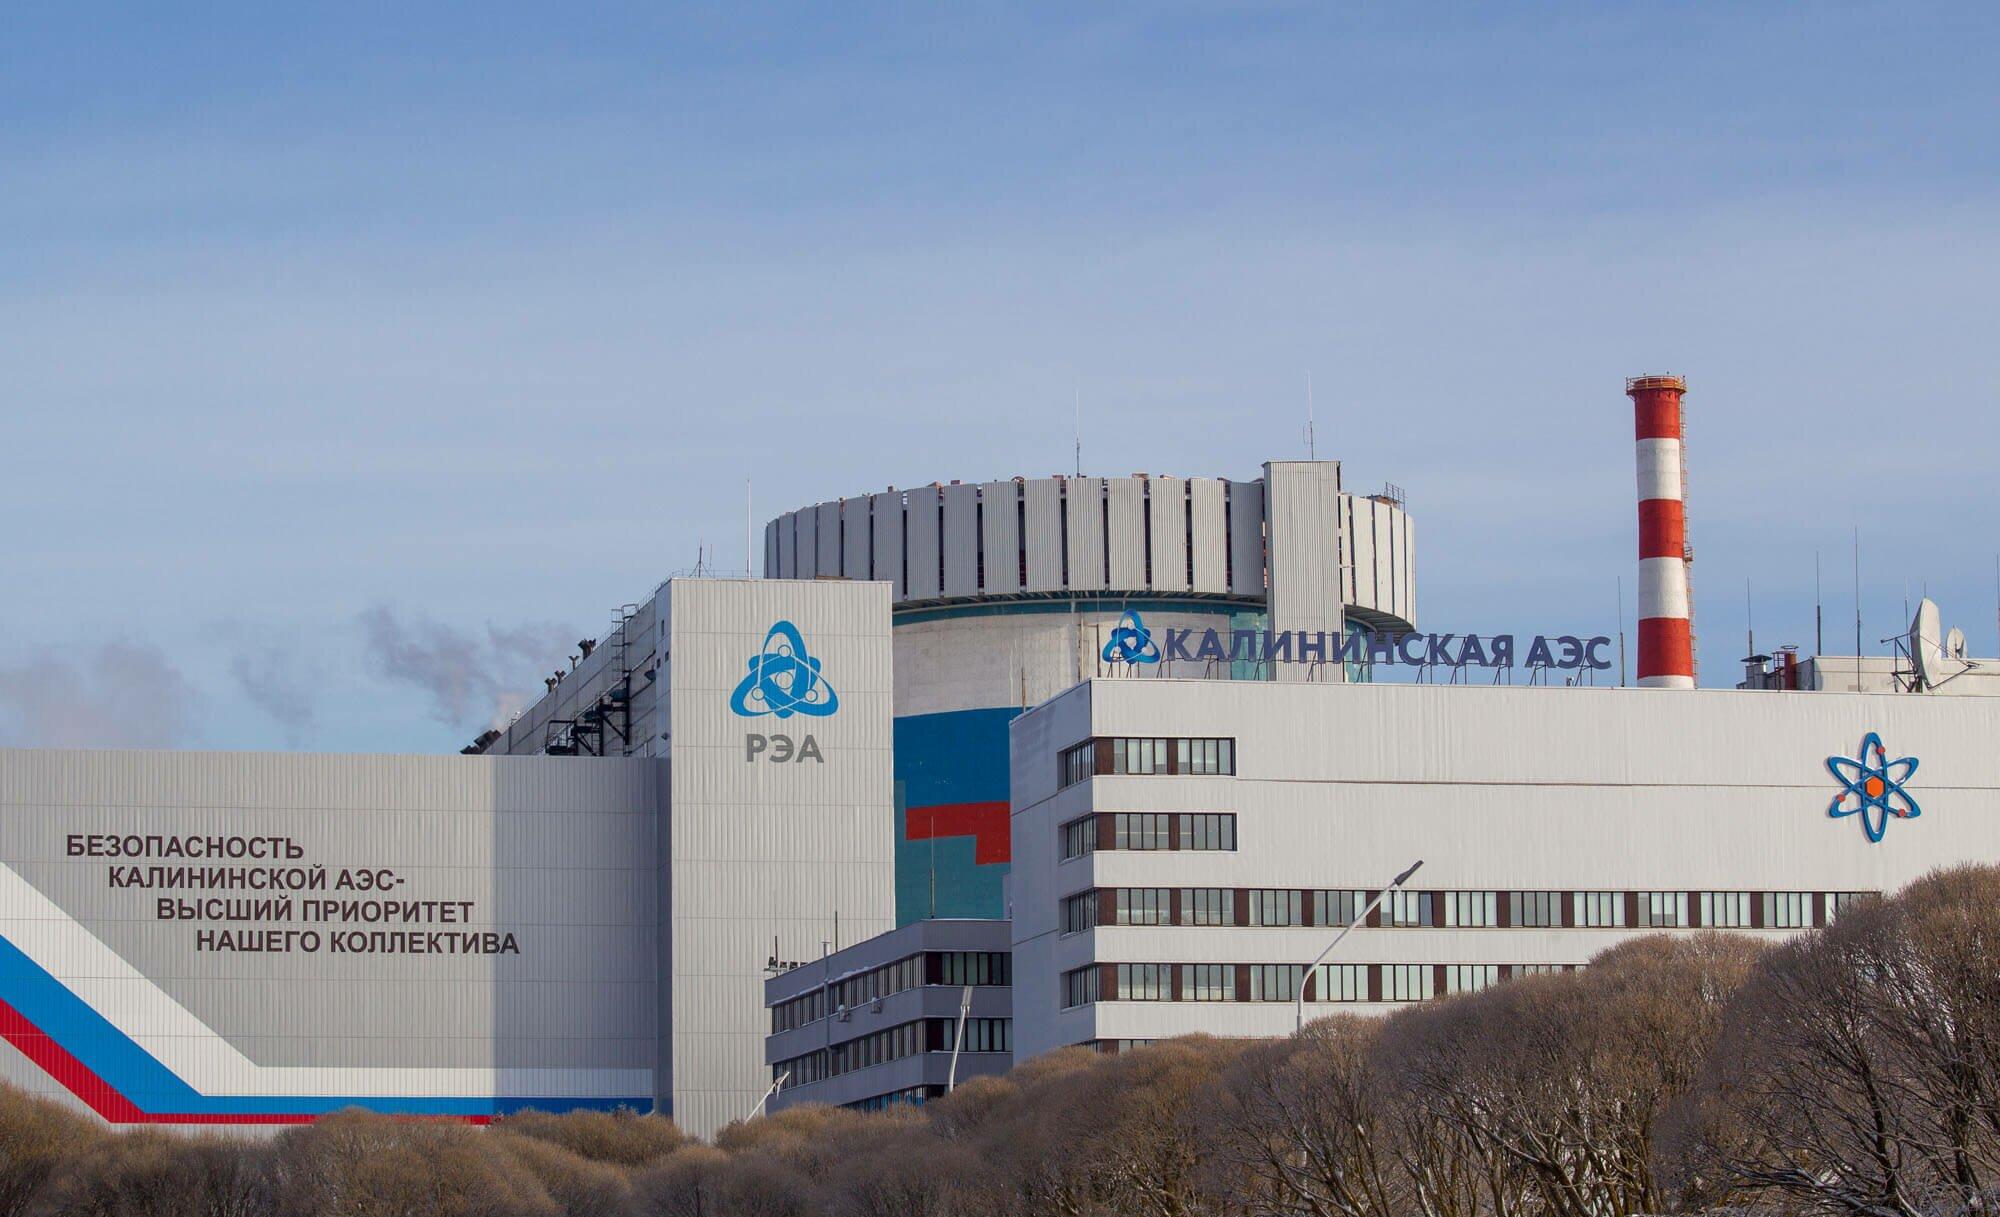 Где находится Калининская АЭС